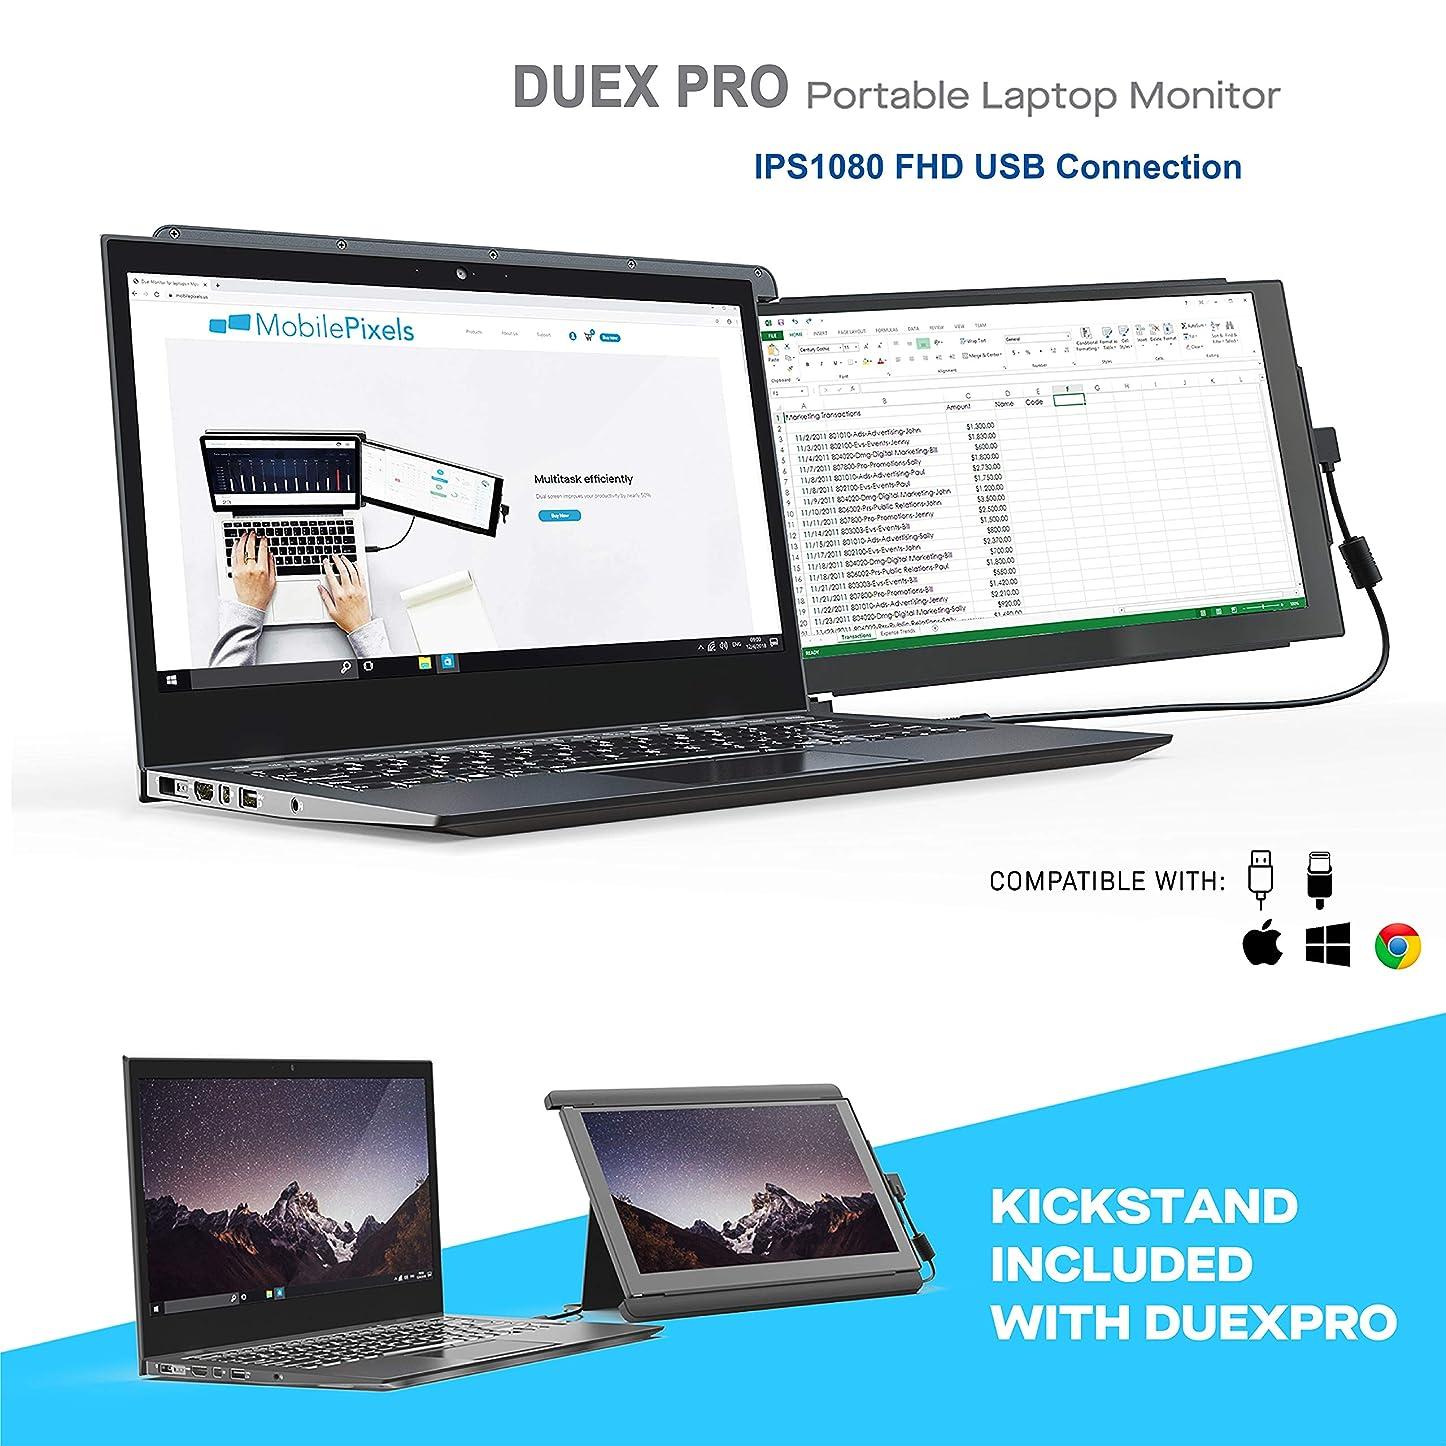 欺資格情報実際Duex Pro モバイルモニター ポータブルデュアルモニター ノートパソコン用 12.5インチ フルHD IPS モバイルディスプレイ USBタイプA タイプC 軽量 明るさ調節可能 アンチグレアポータブルディスプレイ Duex Pro with Kickstand